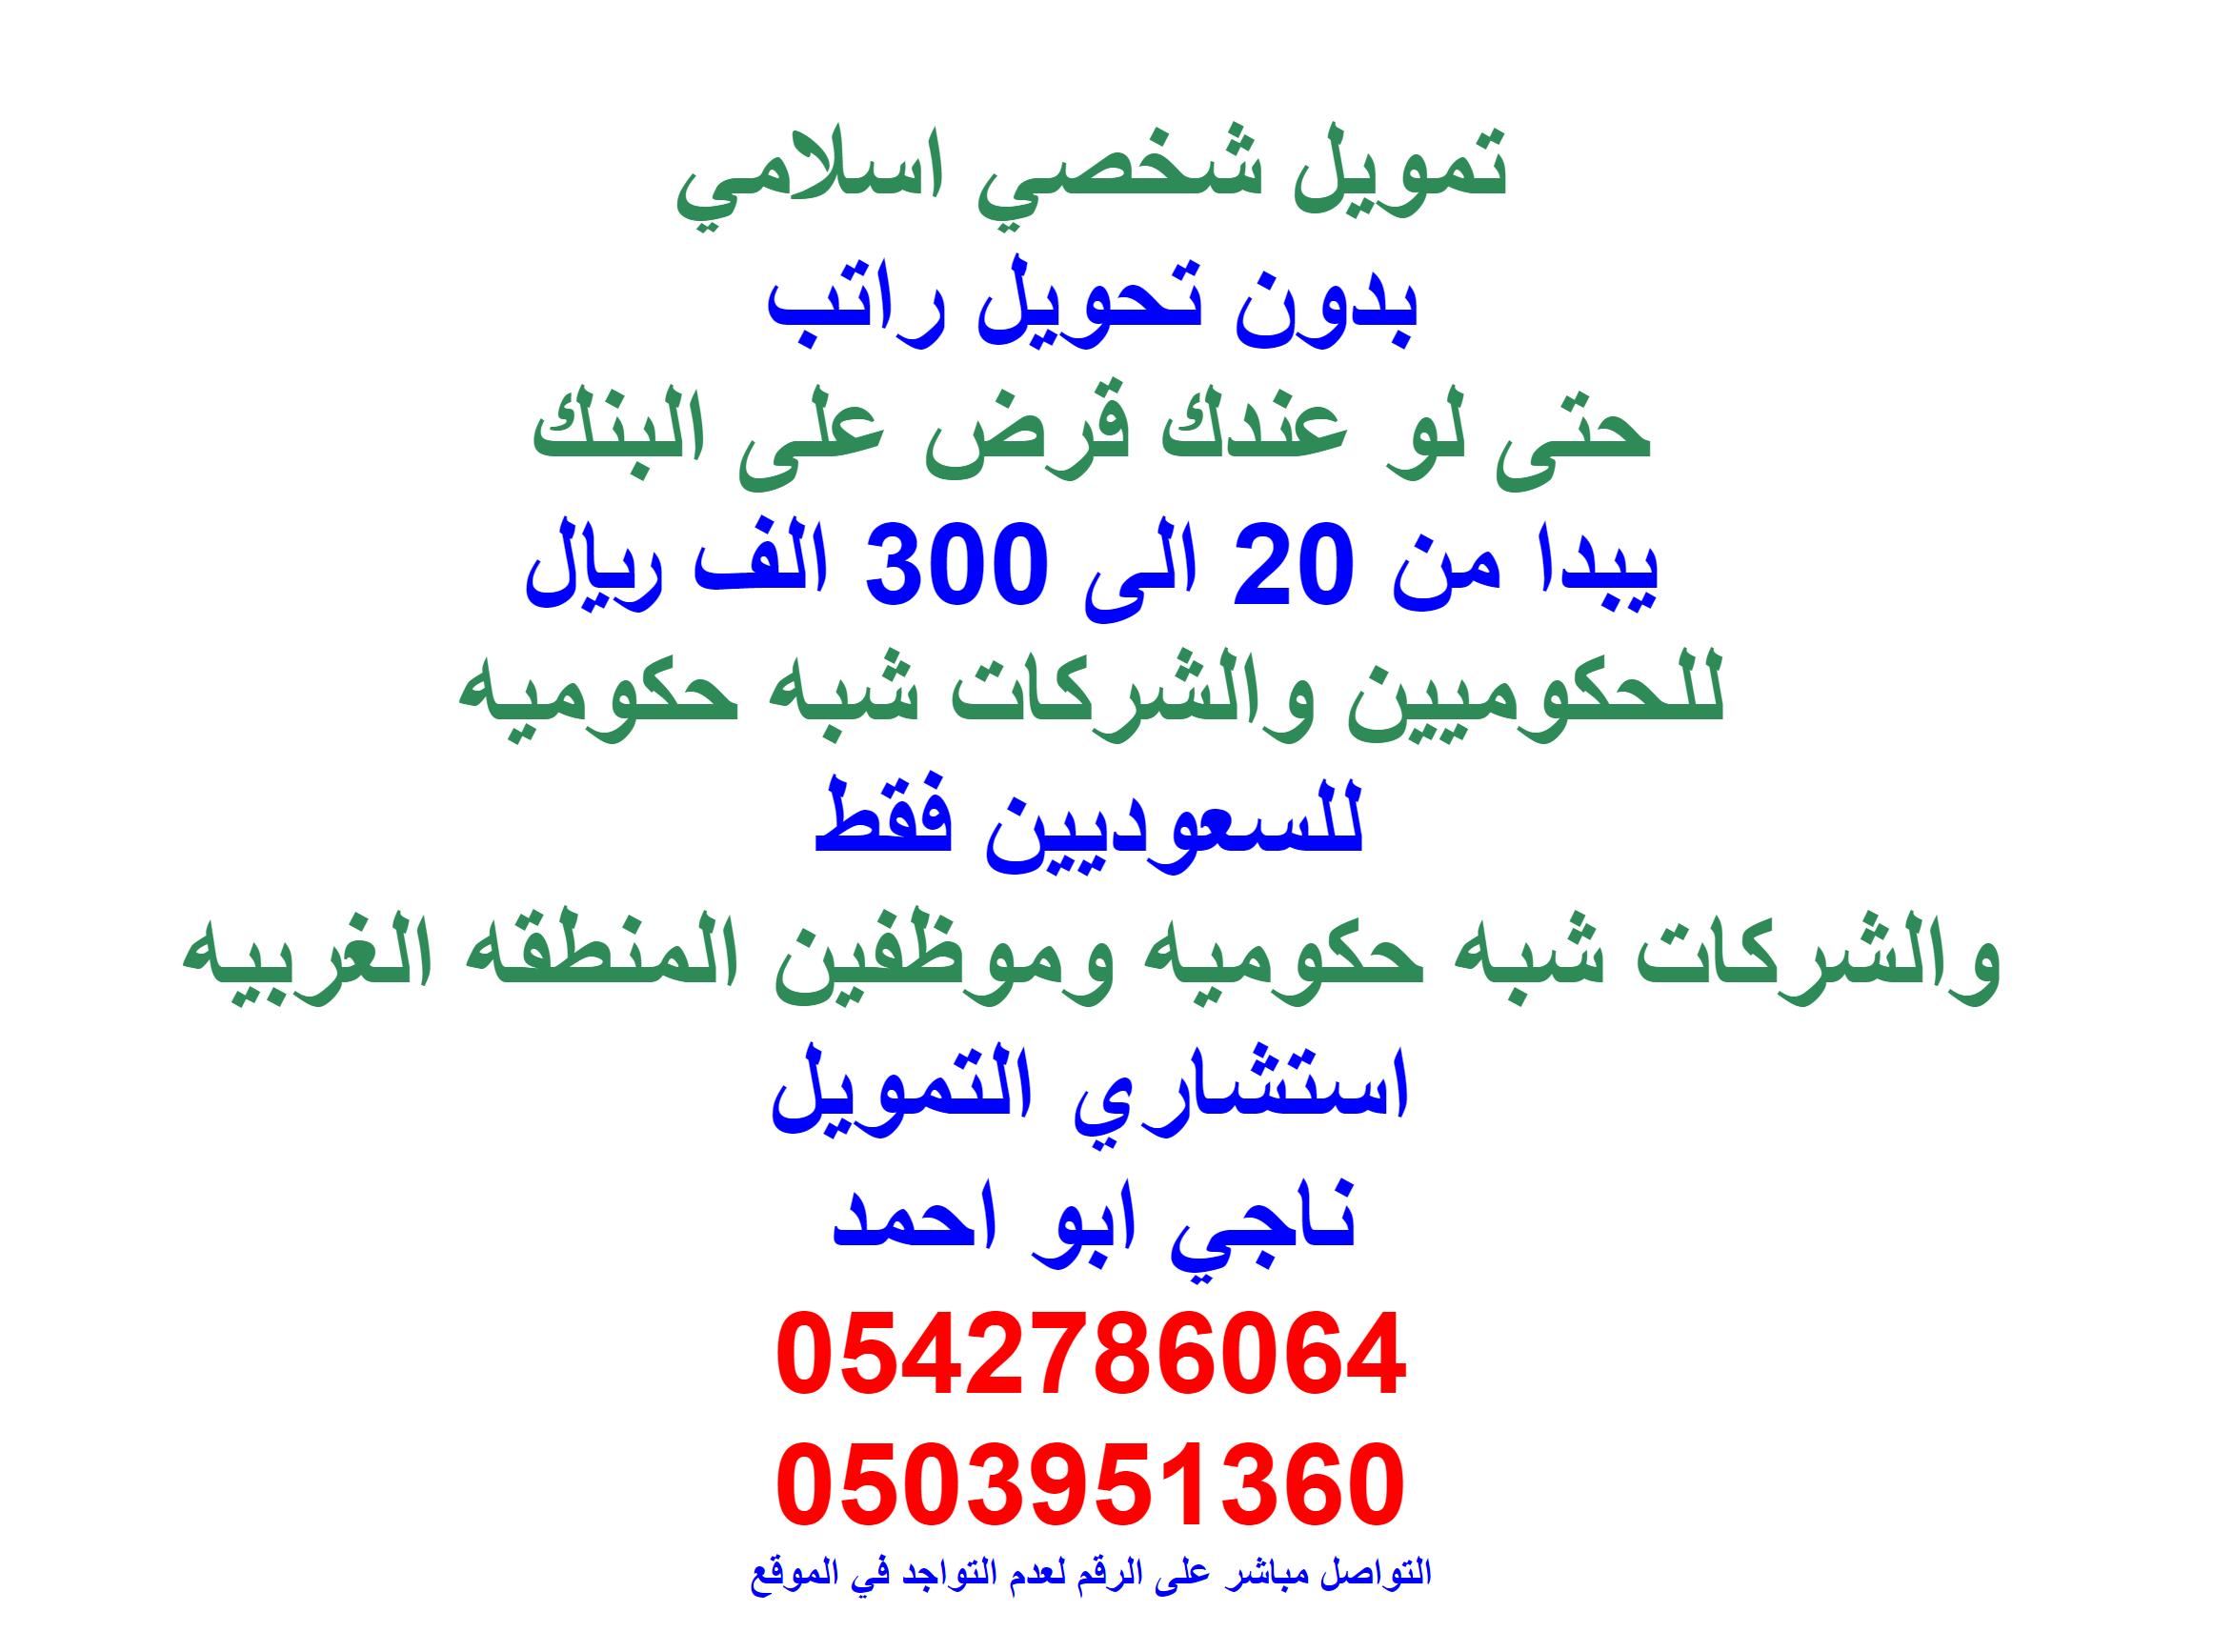 تمويل شخصي اسلامي بدون تحويل راتب من 20 الي 300 الف ريال 0542786064